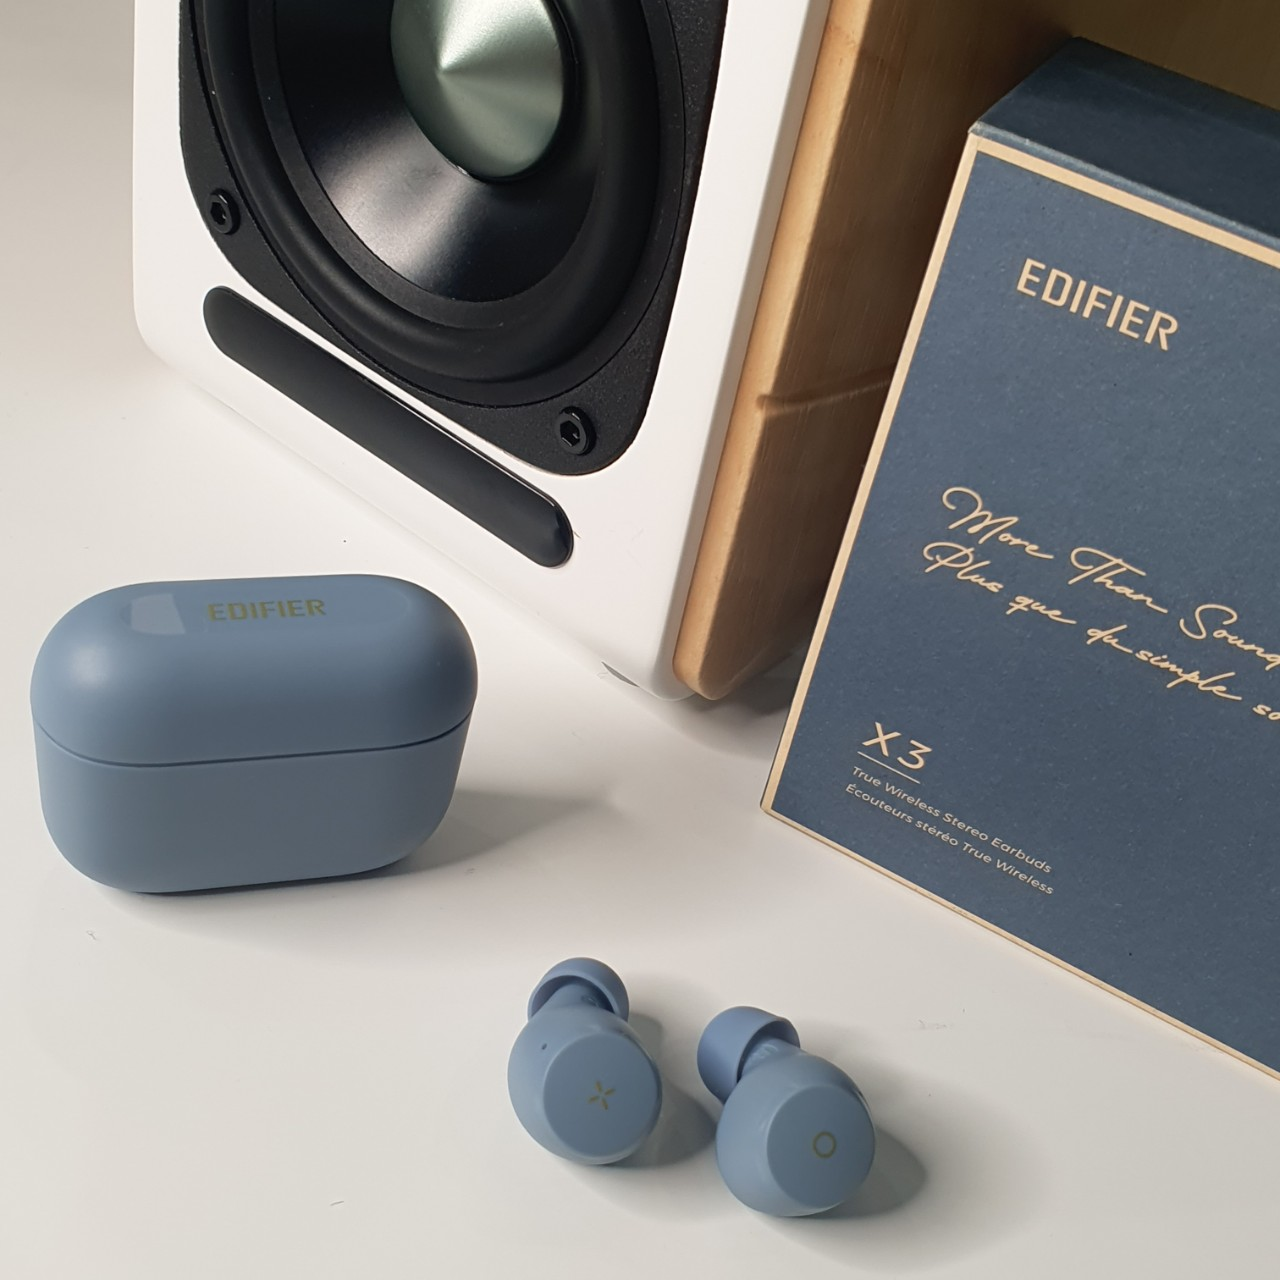 Tai nghe bluetooth true wireless Edifier X3 To-U Xanh (Bản quốc tế) – Hàng chính hãng